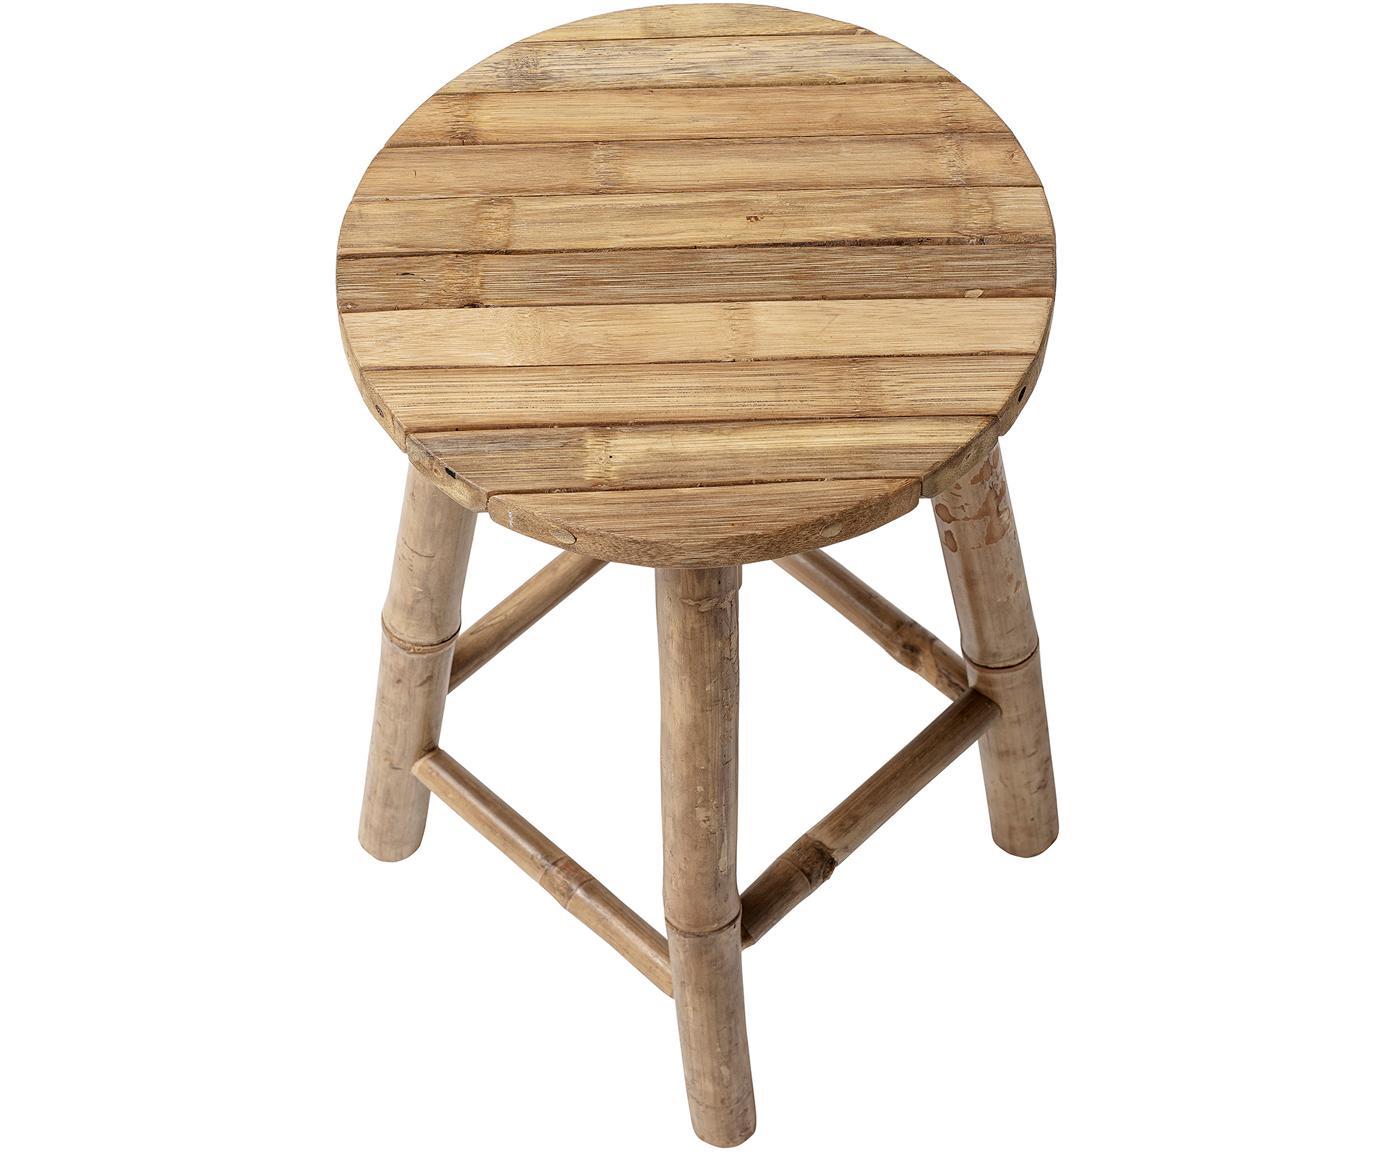 Stołek z drewna bambusowego Sole, Drewno bambusowe, Beżowy, Ø 30 x W 50 cm